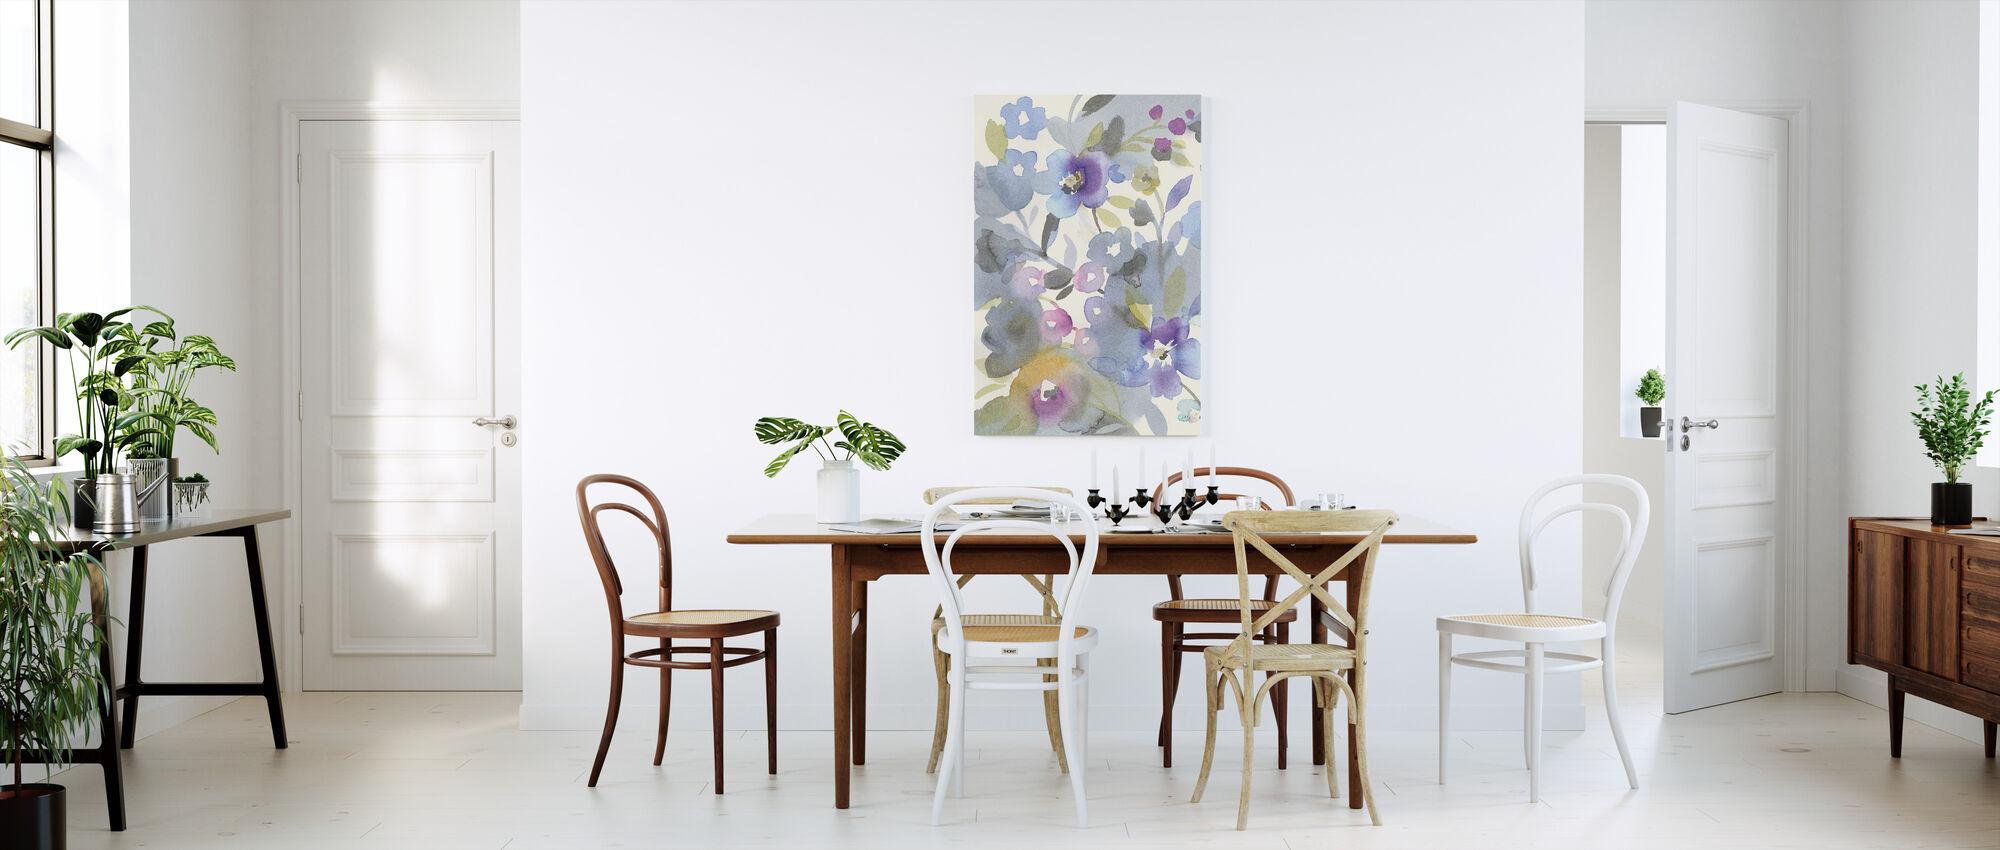 Jewel Garden II - Canvas print - Kitchen